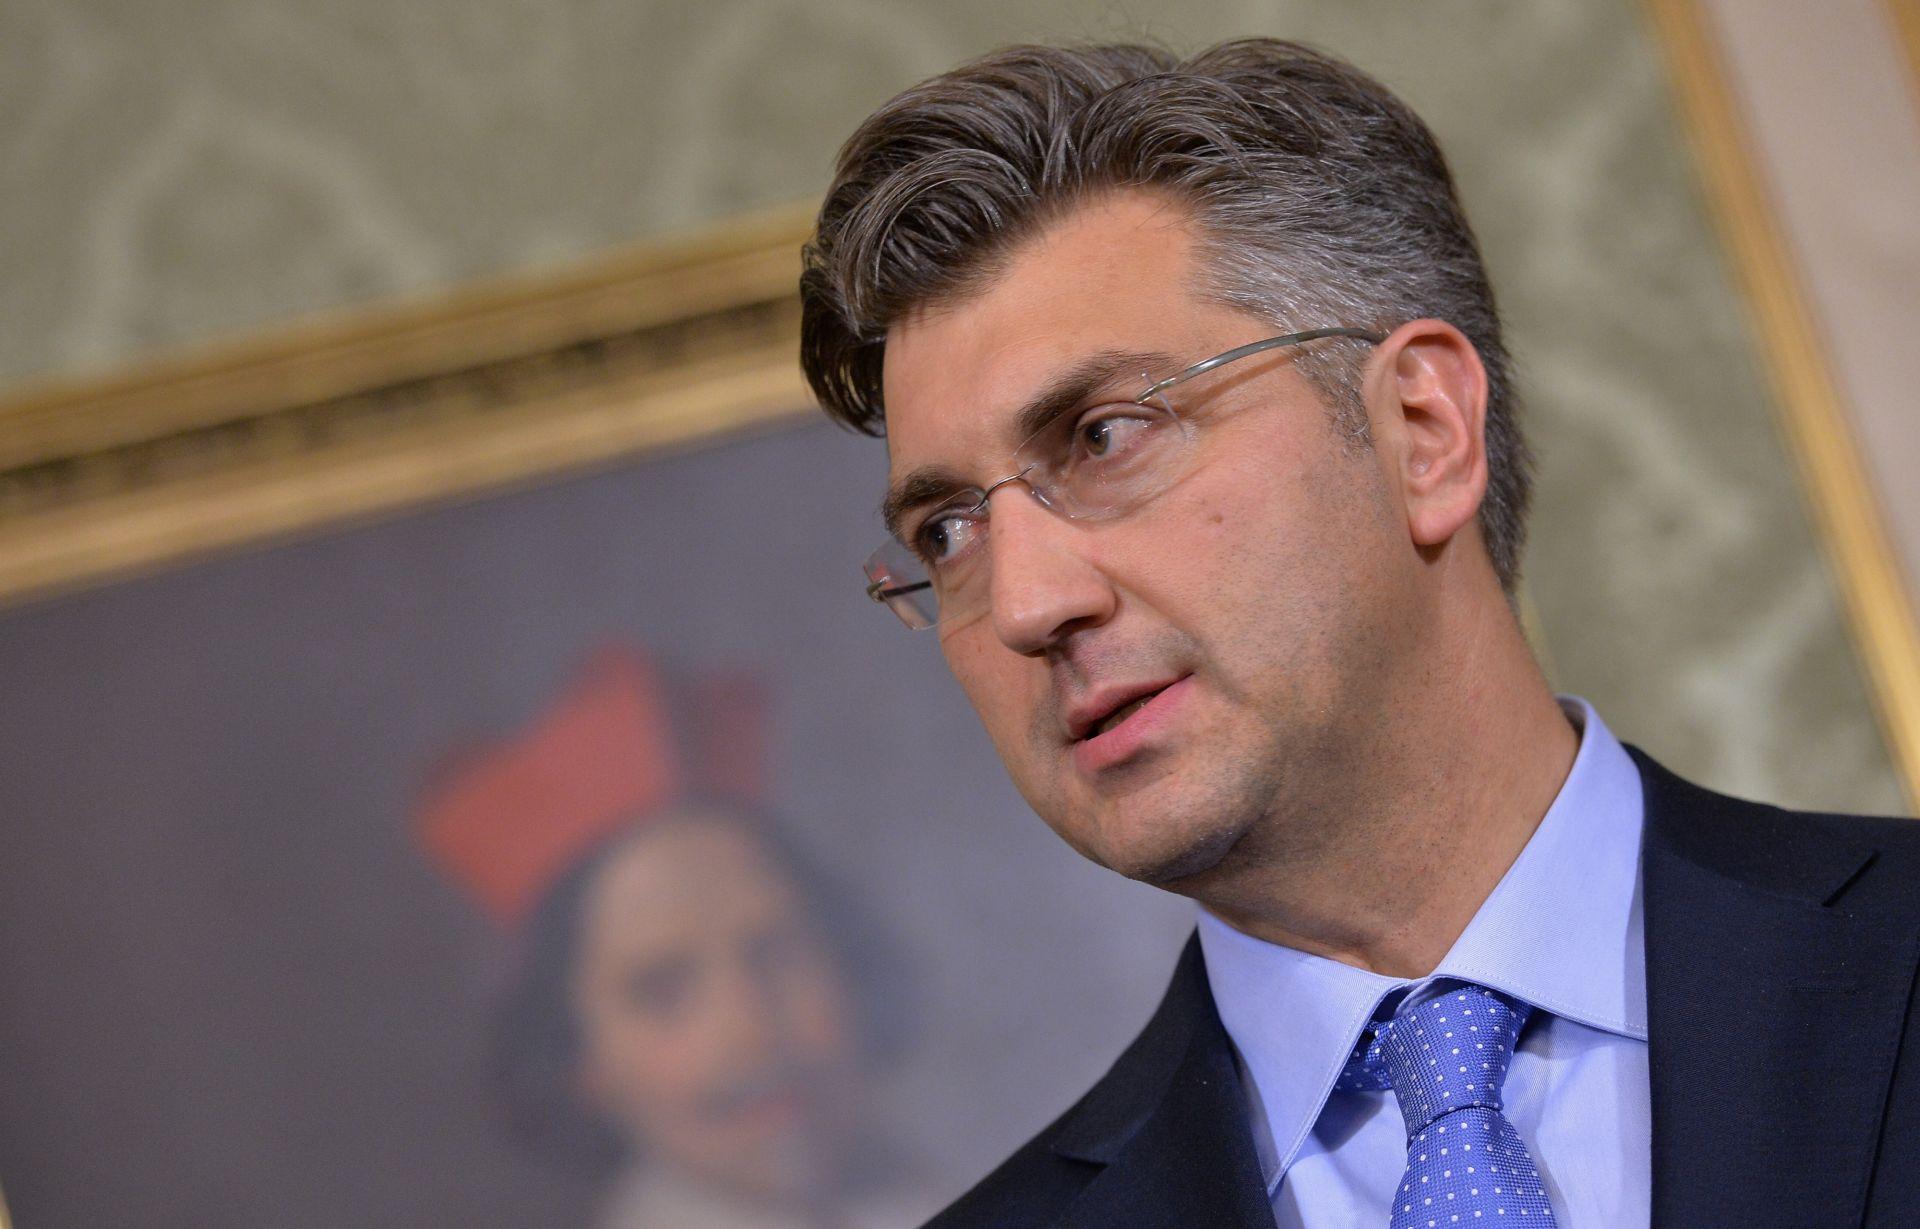 DNEVNI AVAZ 'Plenković bi mogao postati novi lider regije'